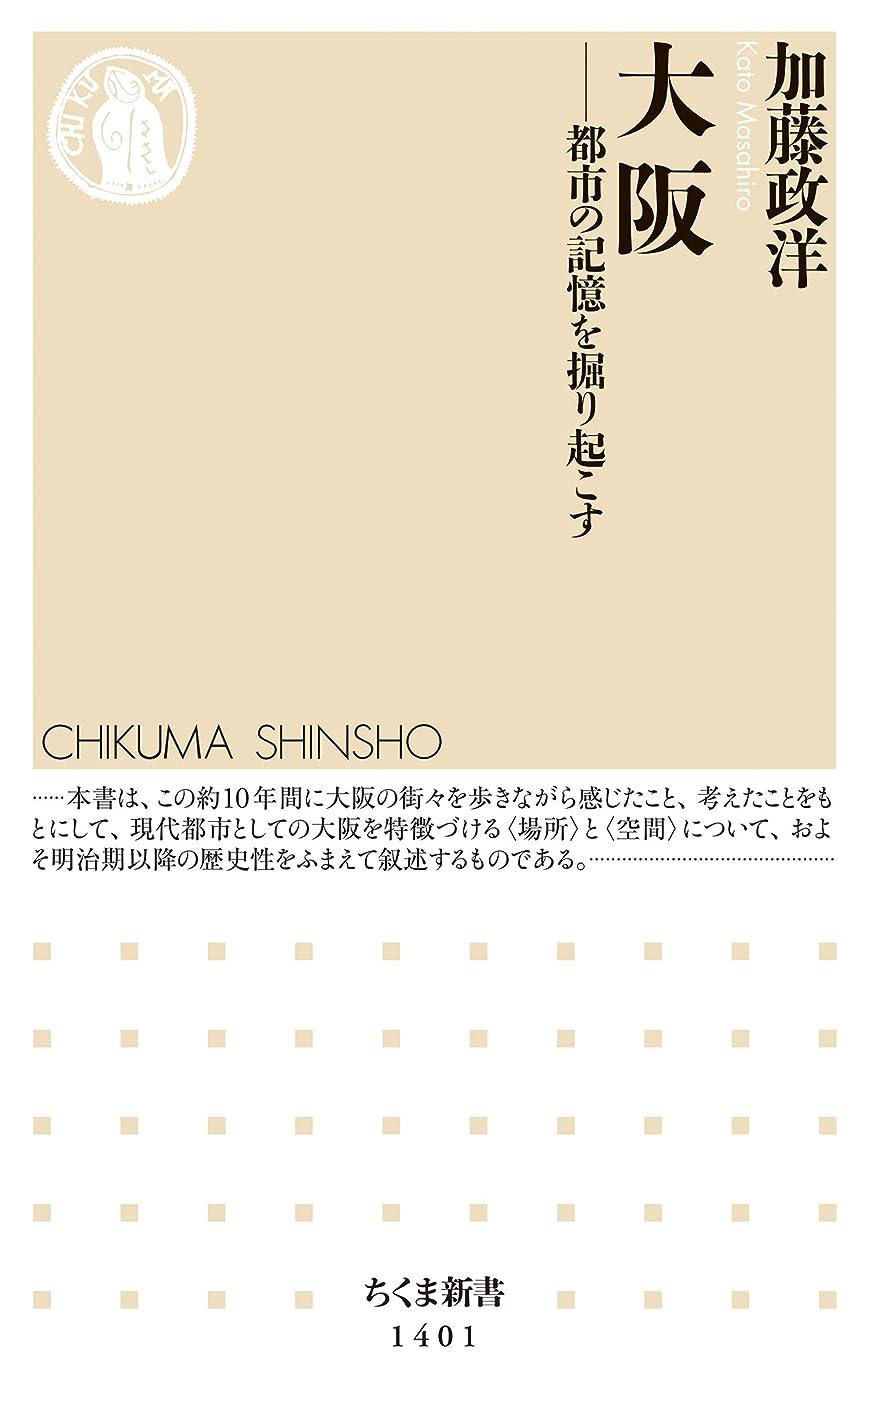 ハイブリッド道徳のヒット大阪 ──都市の記憶を掘り起こす (ちくま新書)